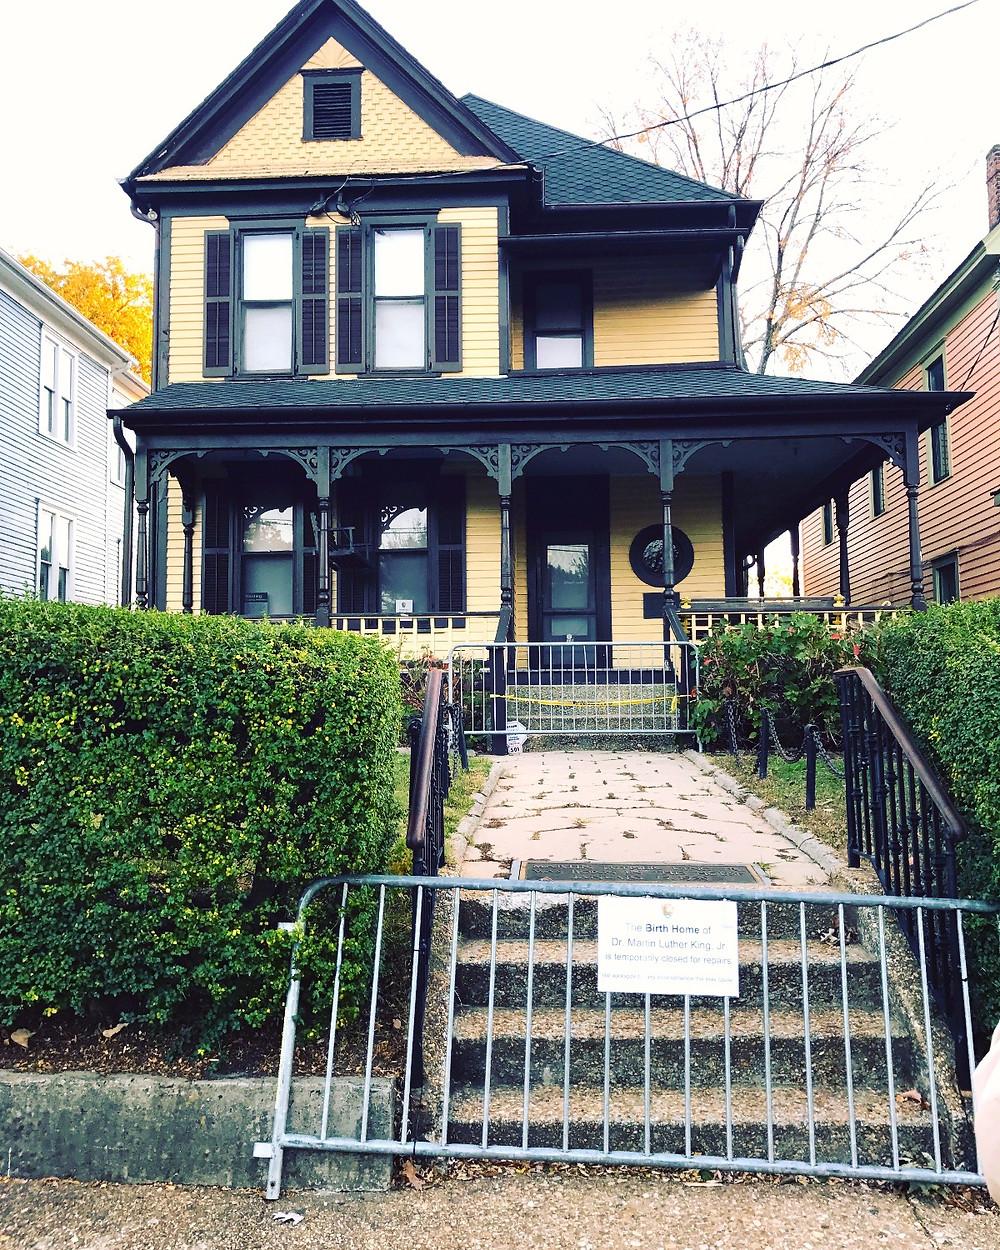 Birth home of MLK